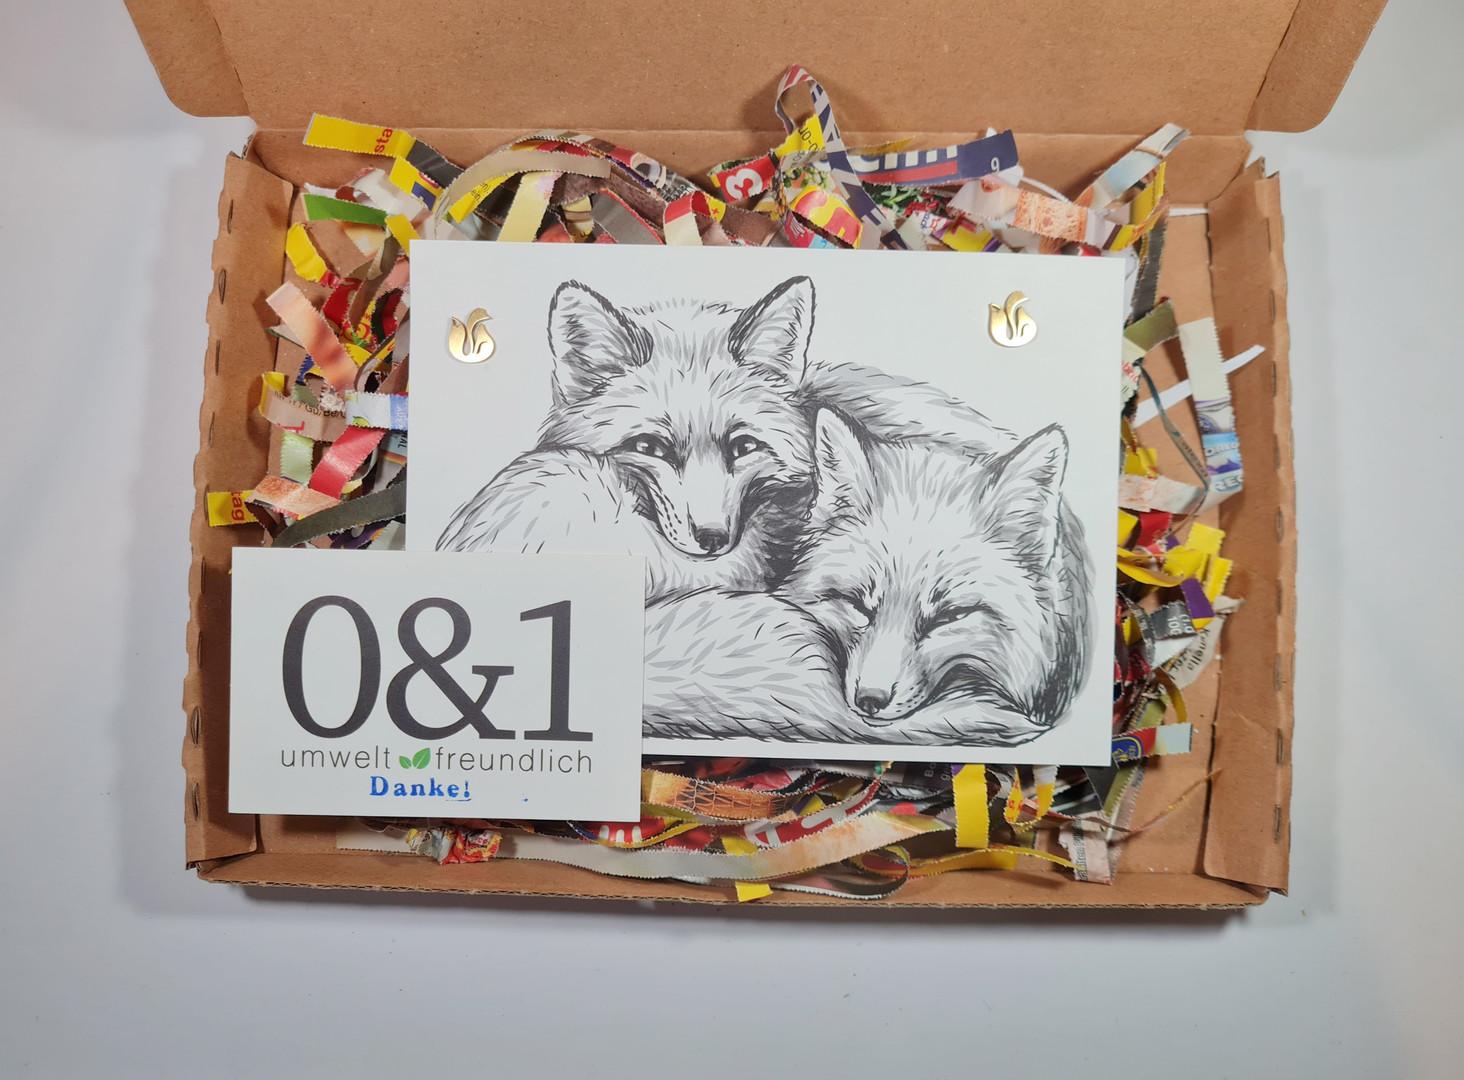 Fuchs Verpackung.jpg